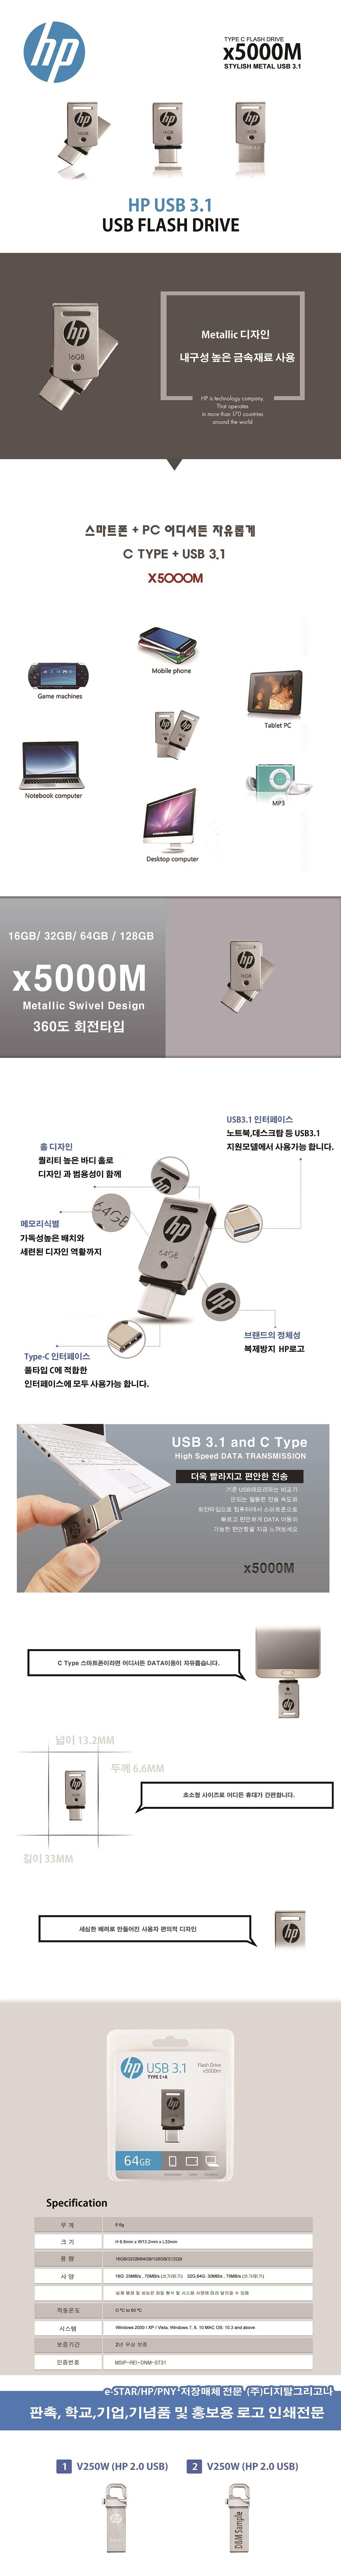 HP X5000M (32GB)